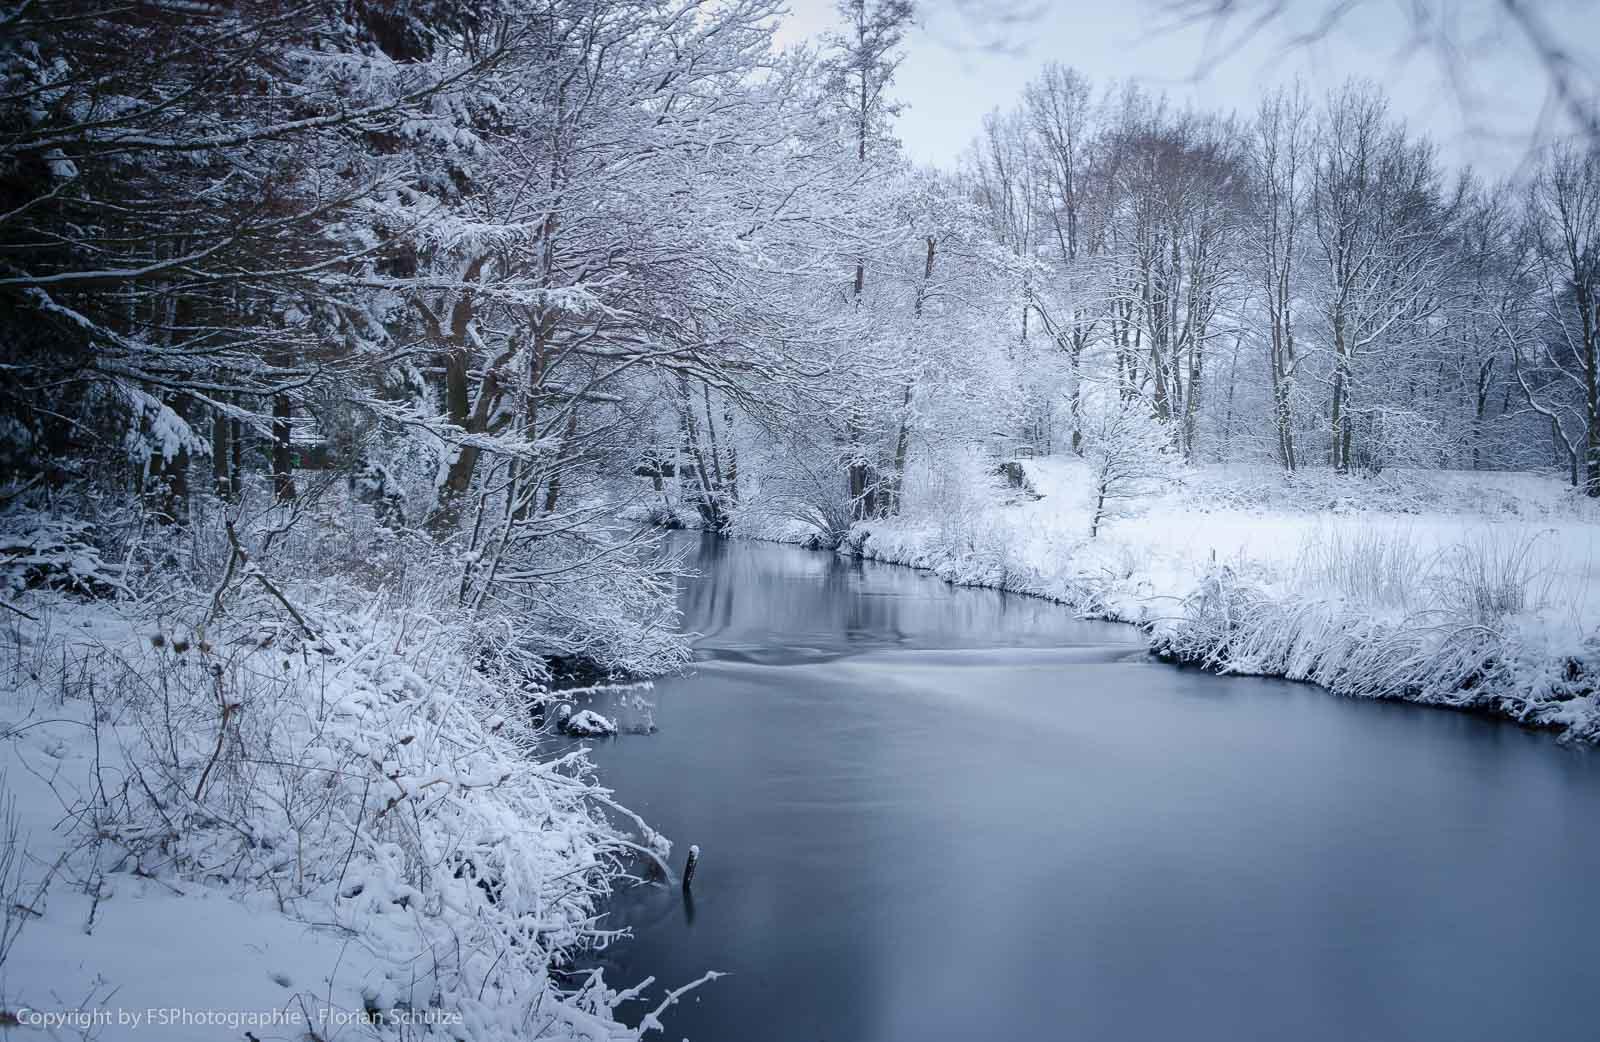 Die schönen Seiten im Winter